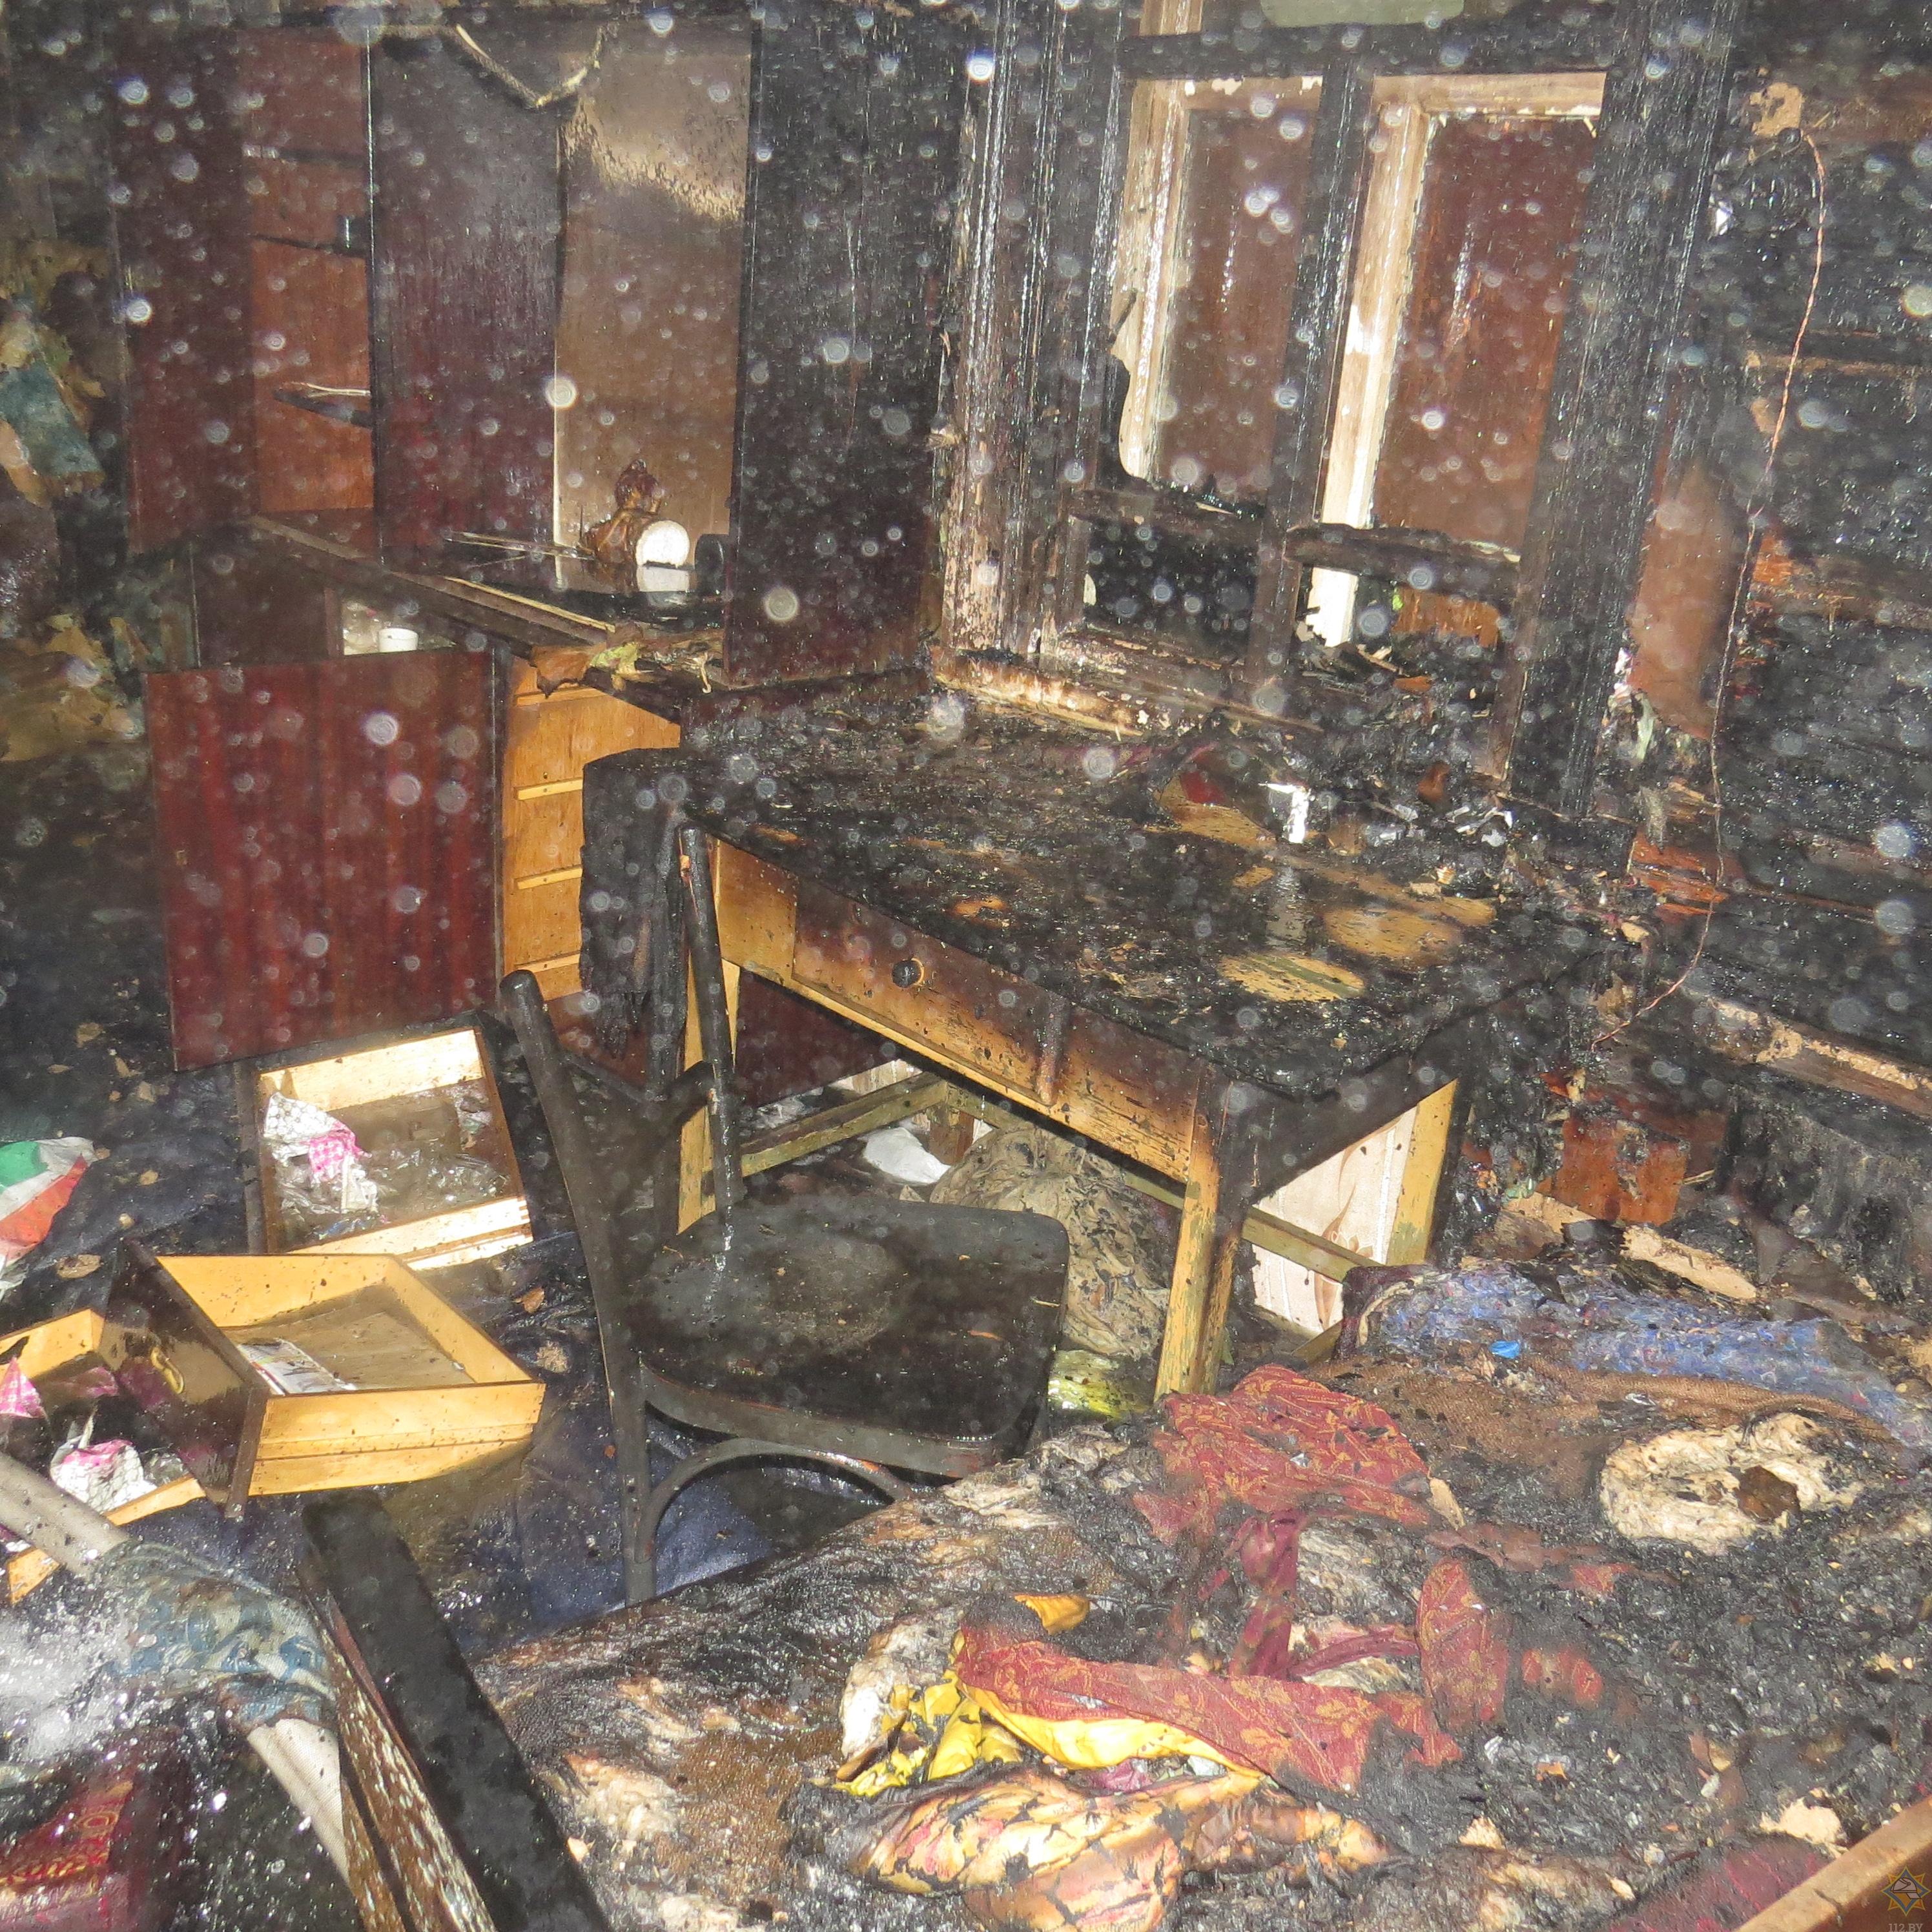 В Борисове из горящего дома спасли мужчину (фото) 3